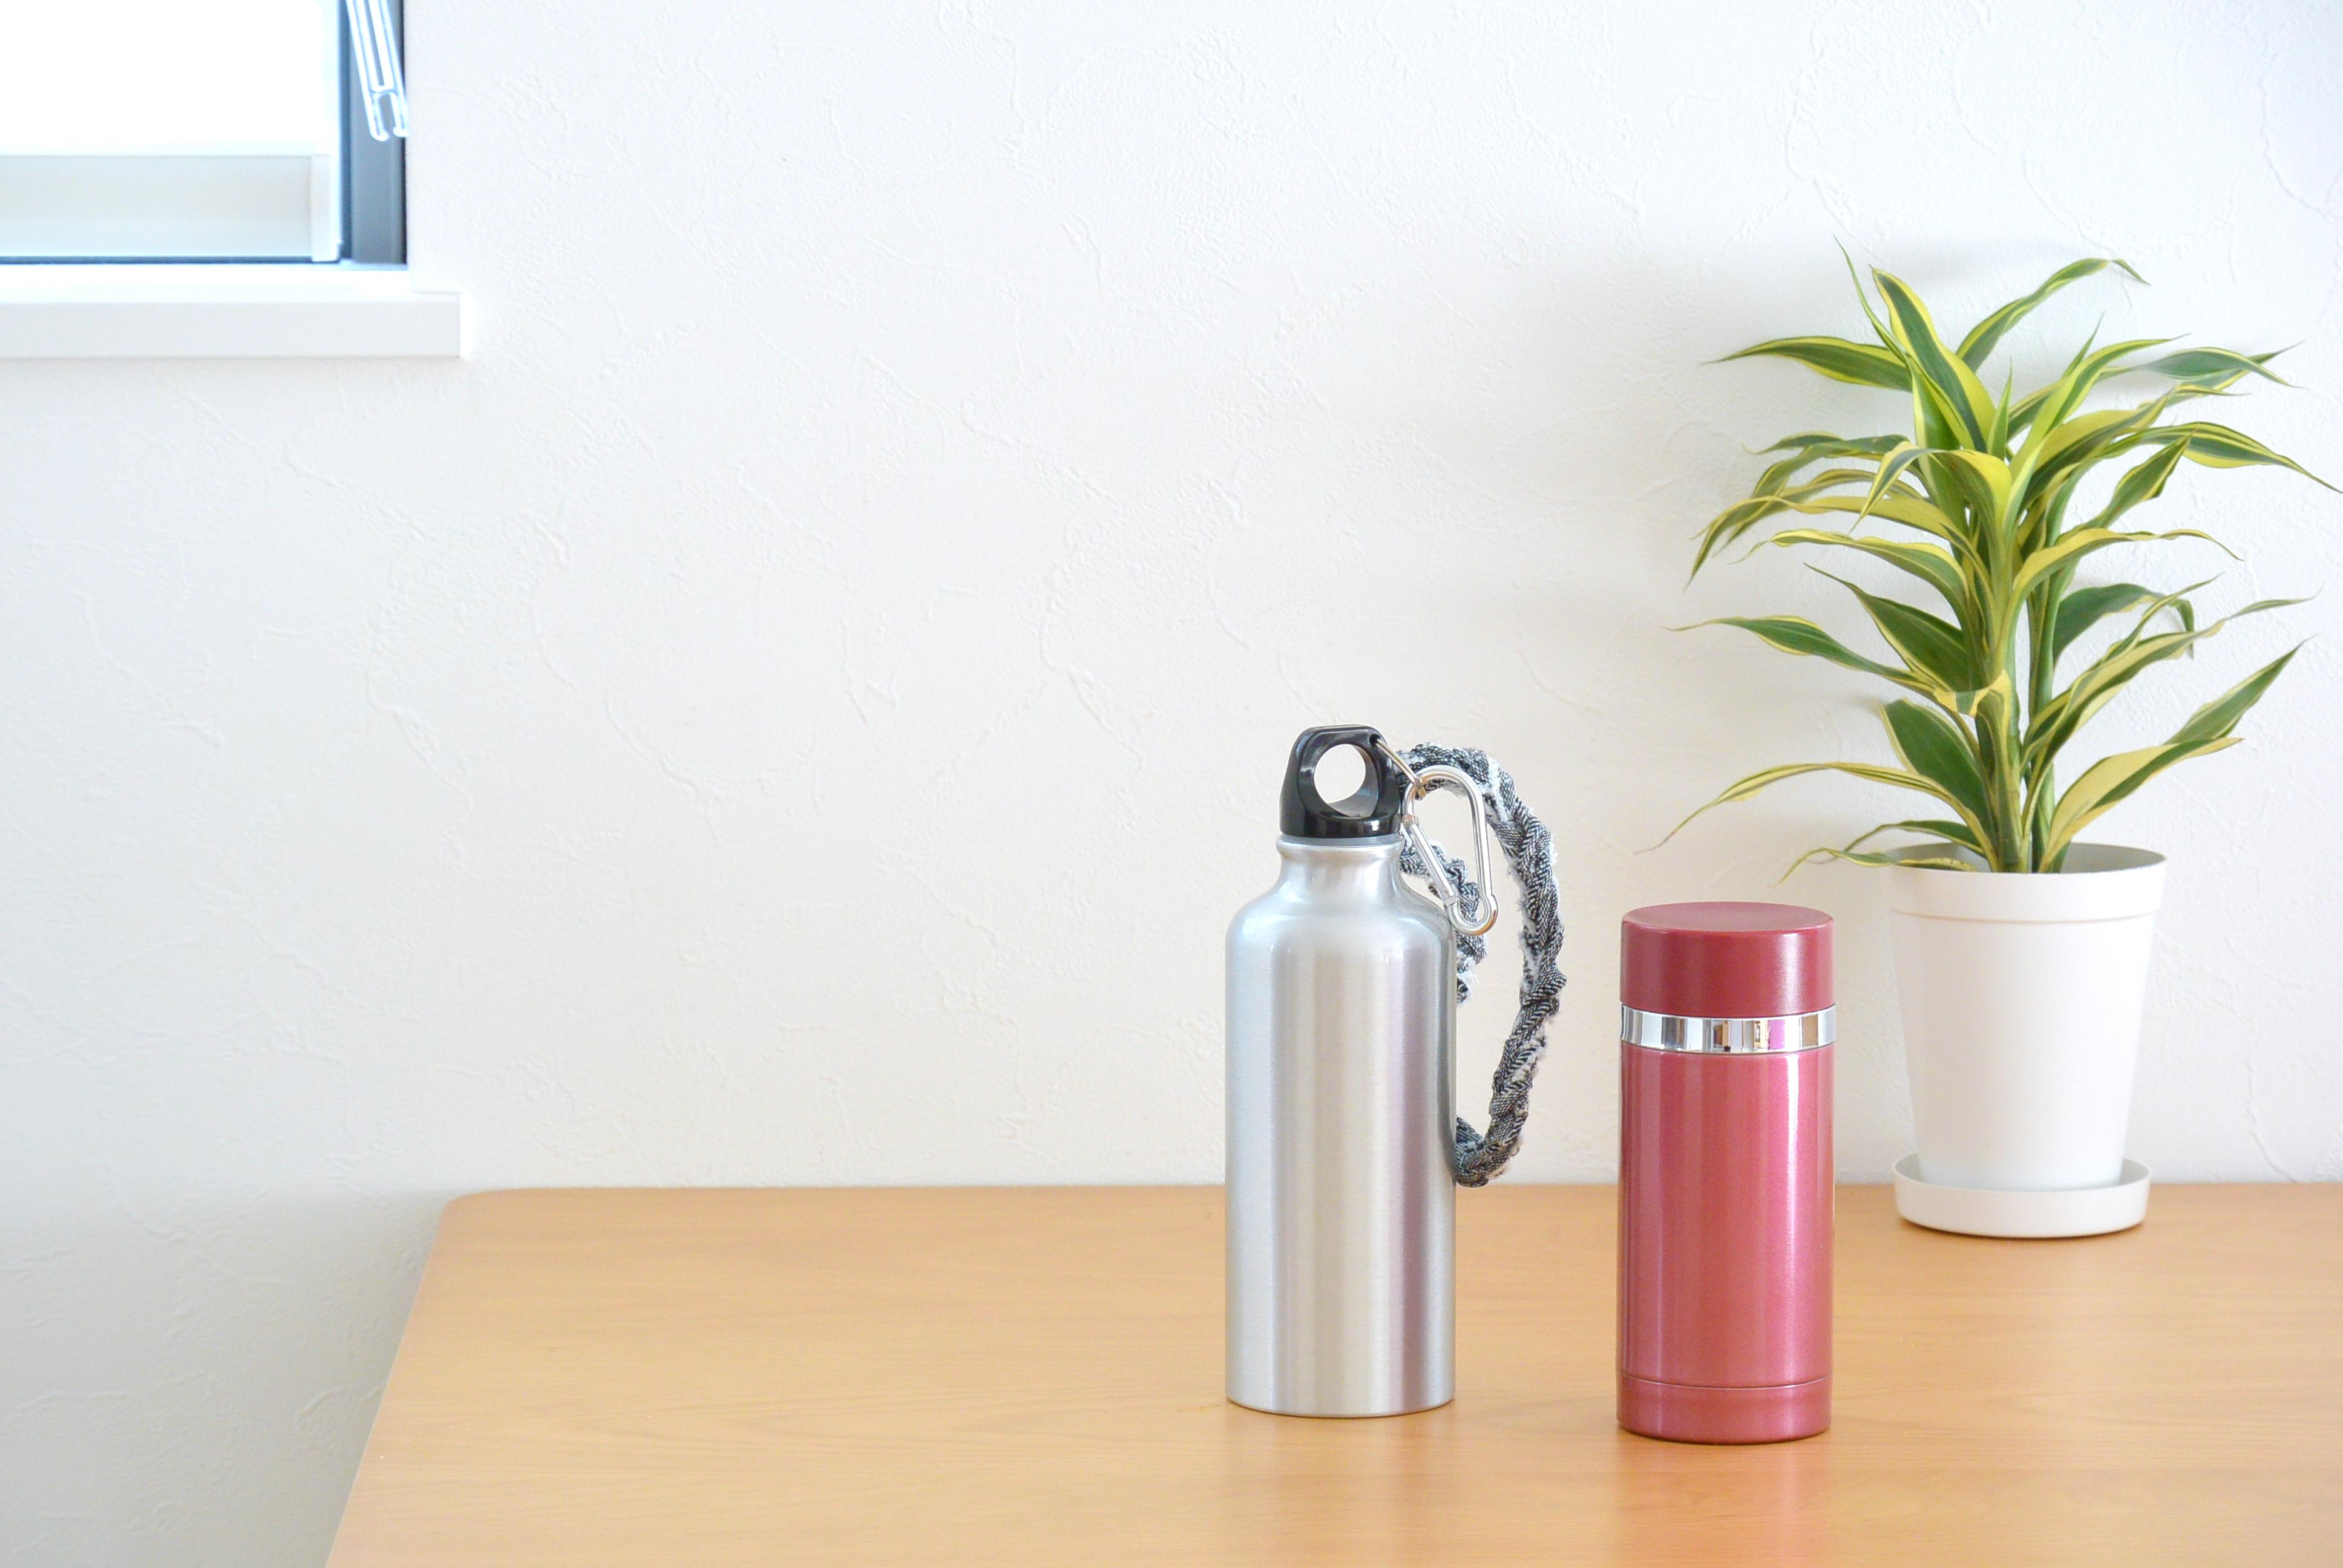 自宅でもオフィスでも使えるマイボトルとは?